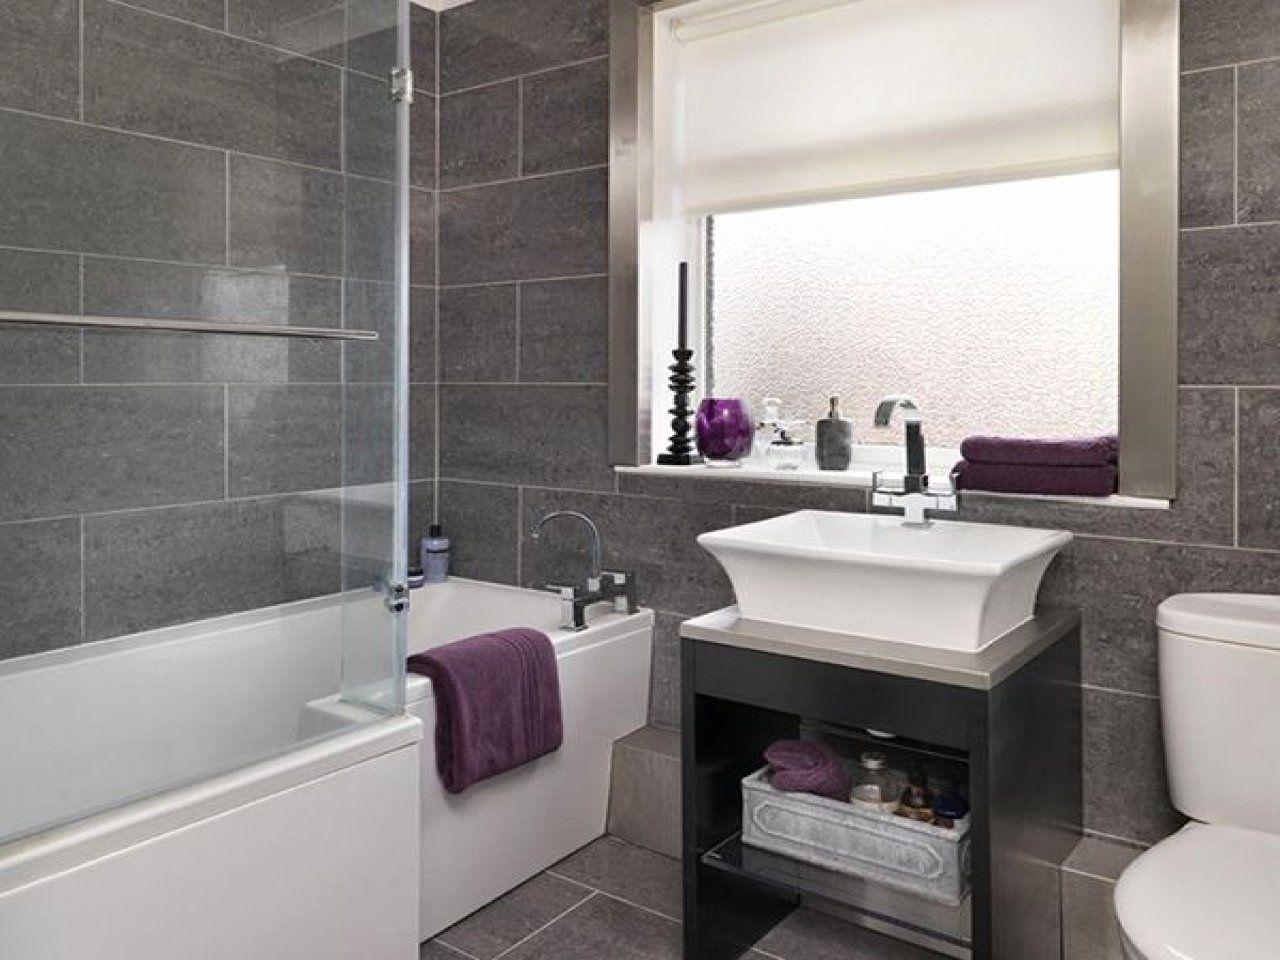 24 Small Grey Bathroom Ideas In 2020 Small Bathroom Tiles Bathroom Design Small Bathroom Decor